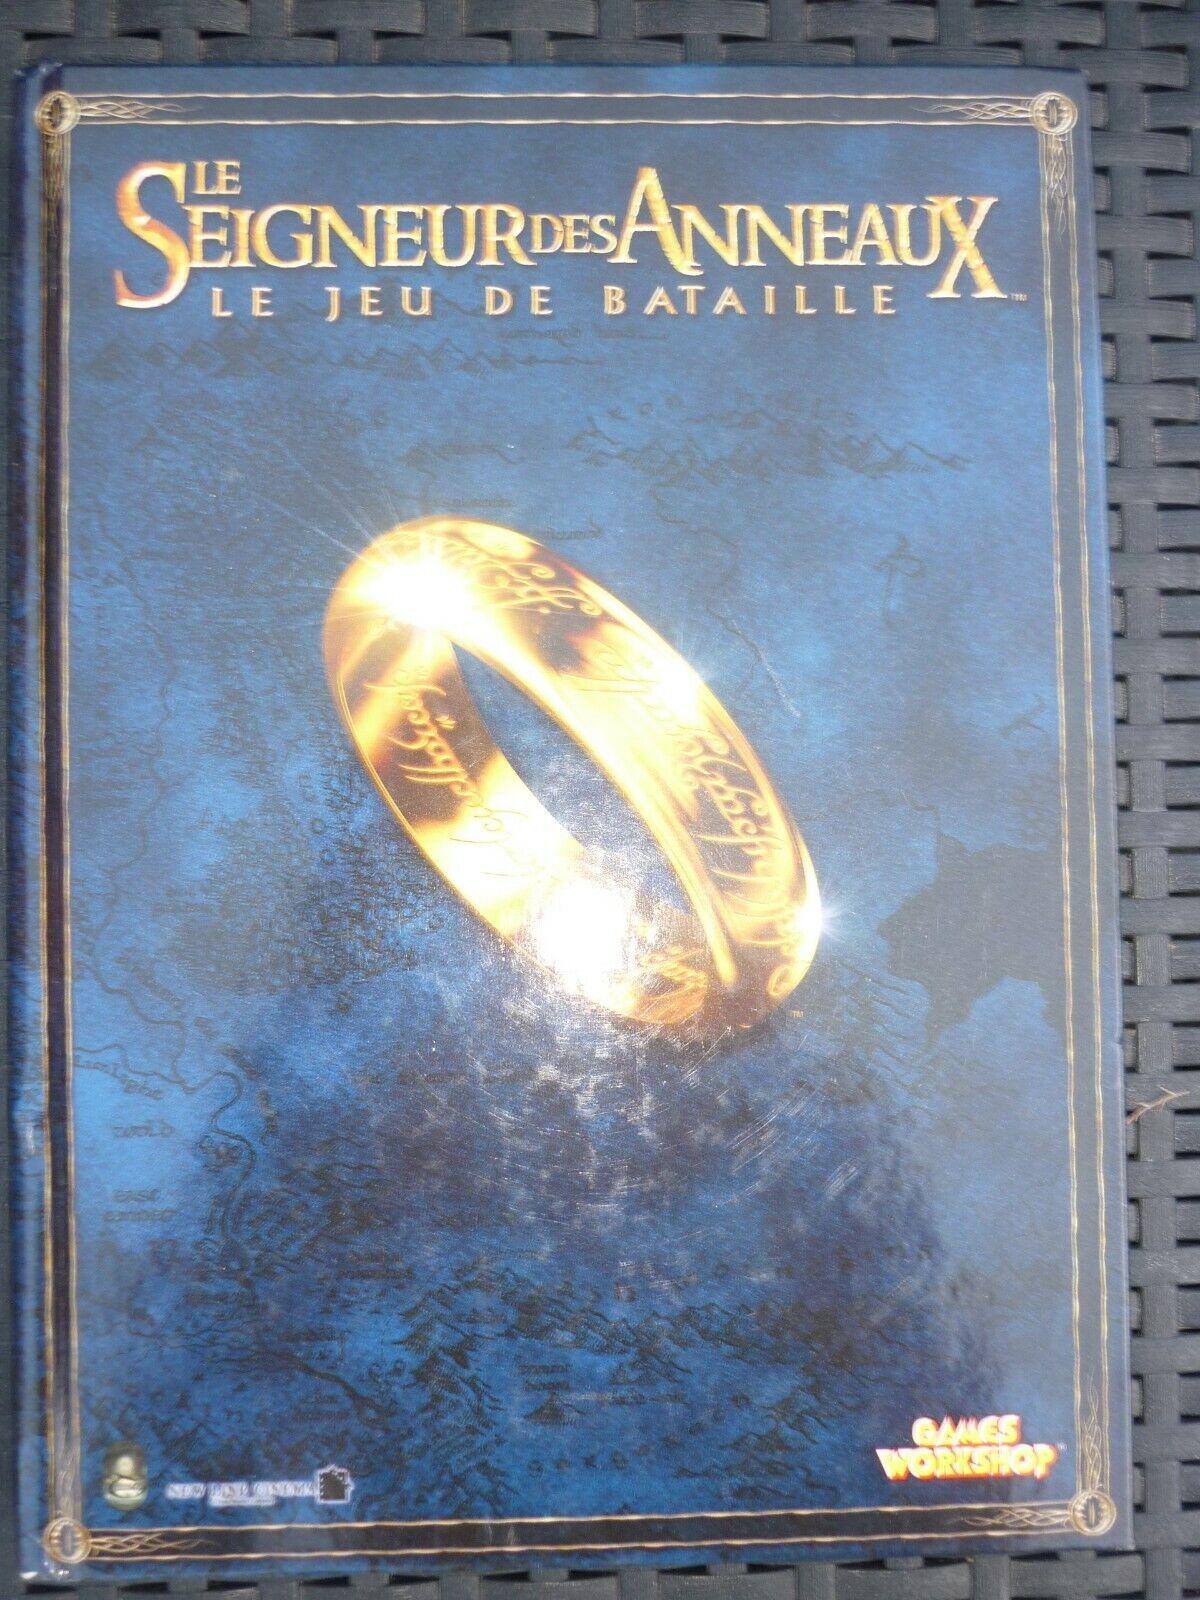 Le Seigneur des Anneaux, le jeu de bataille   Games Workshop, 2005  beaucoup de surprises